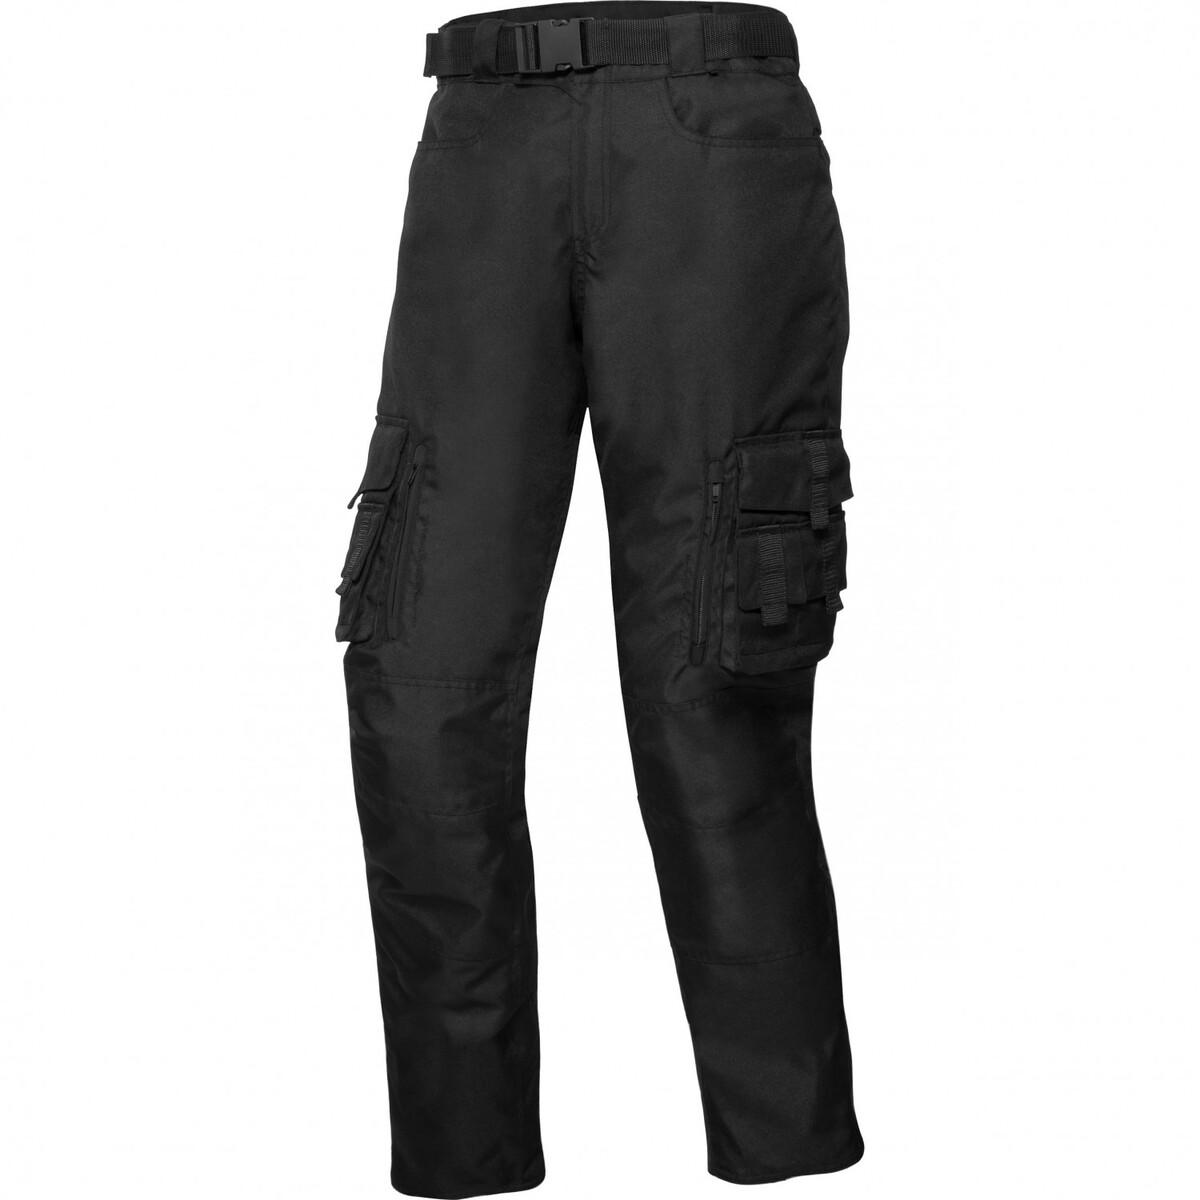 Bild 1 von Spirit Motors Textilhose 1.0 schwarz Herren Größe XXL